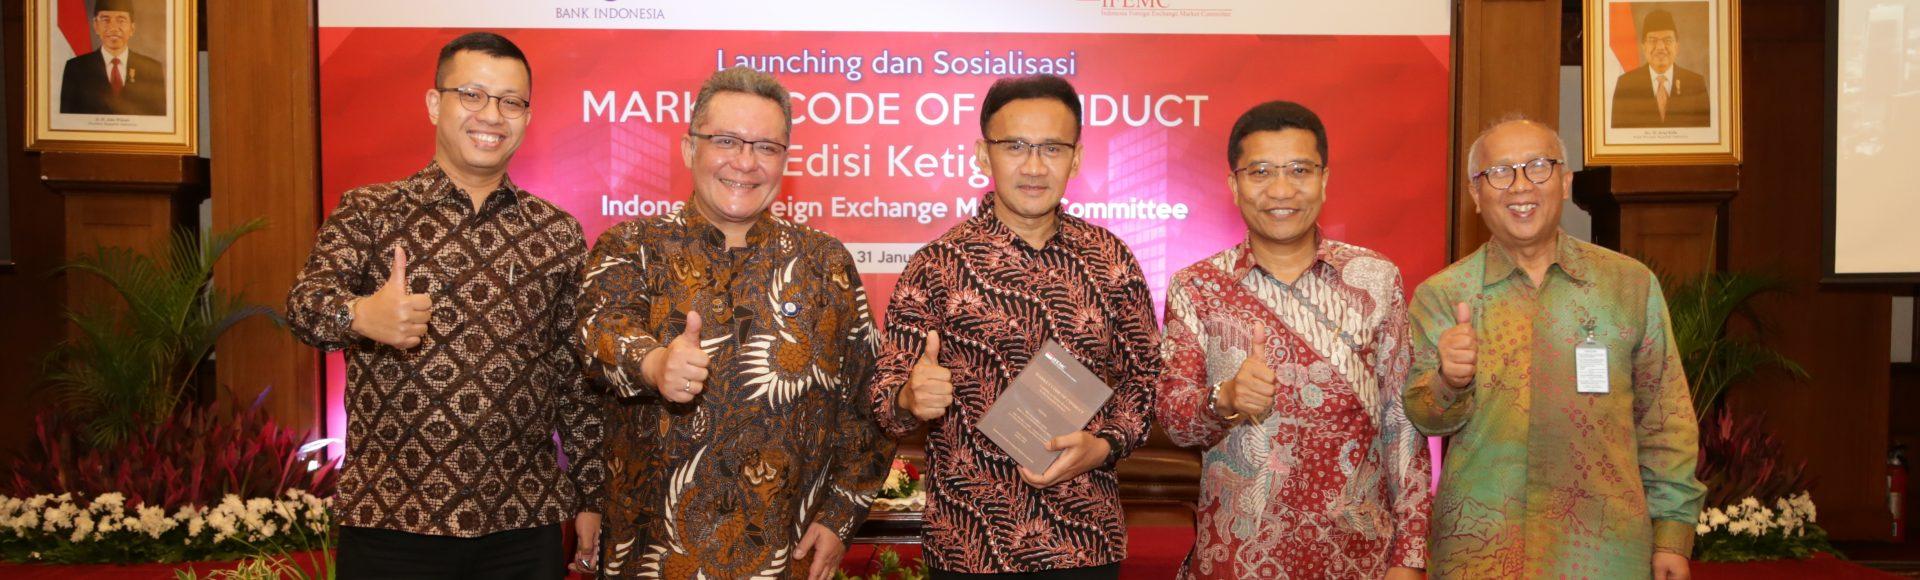 Peluncuran dan Sosialisasi Buku Market Code of Conduct (MCoC) Edisi Ketiga